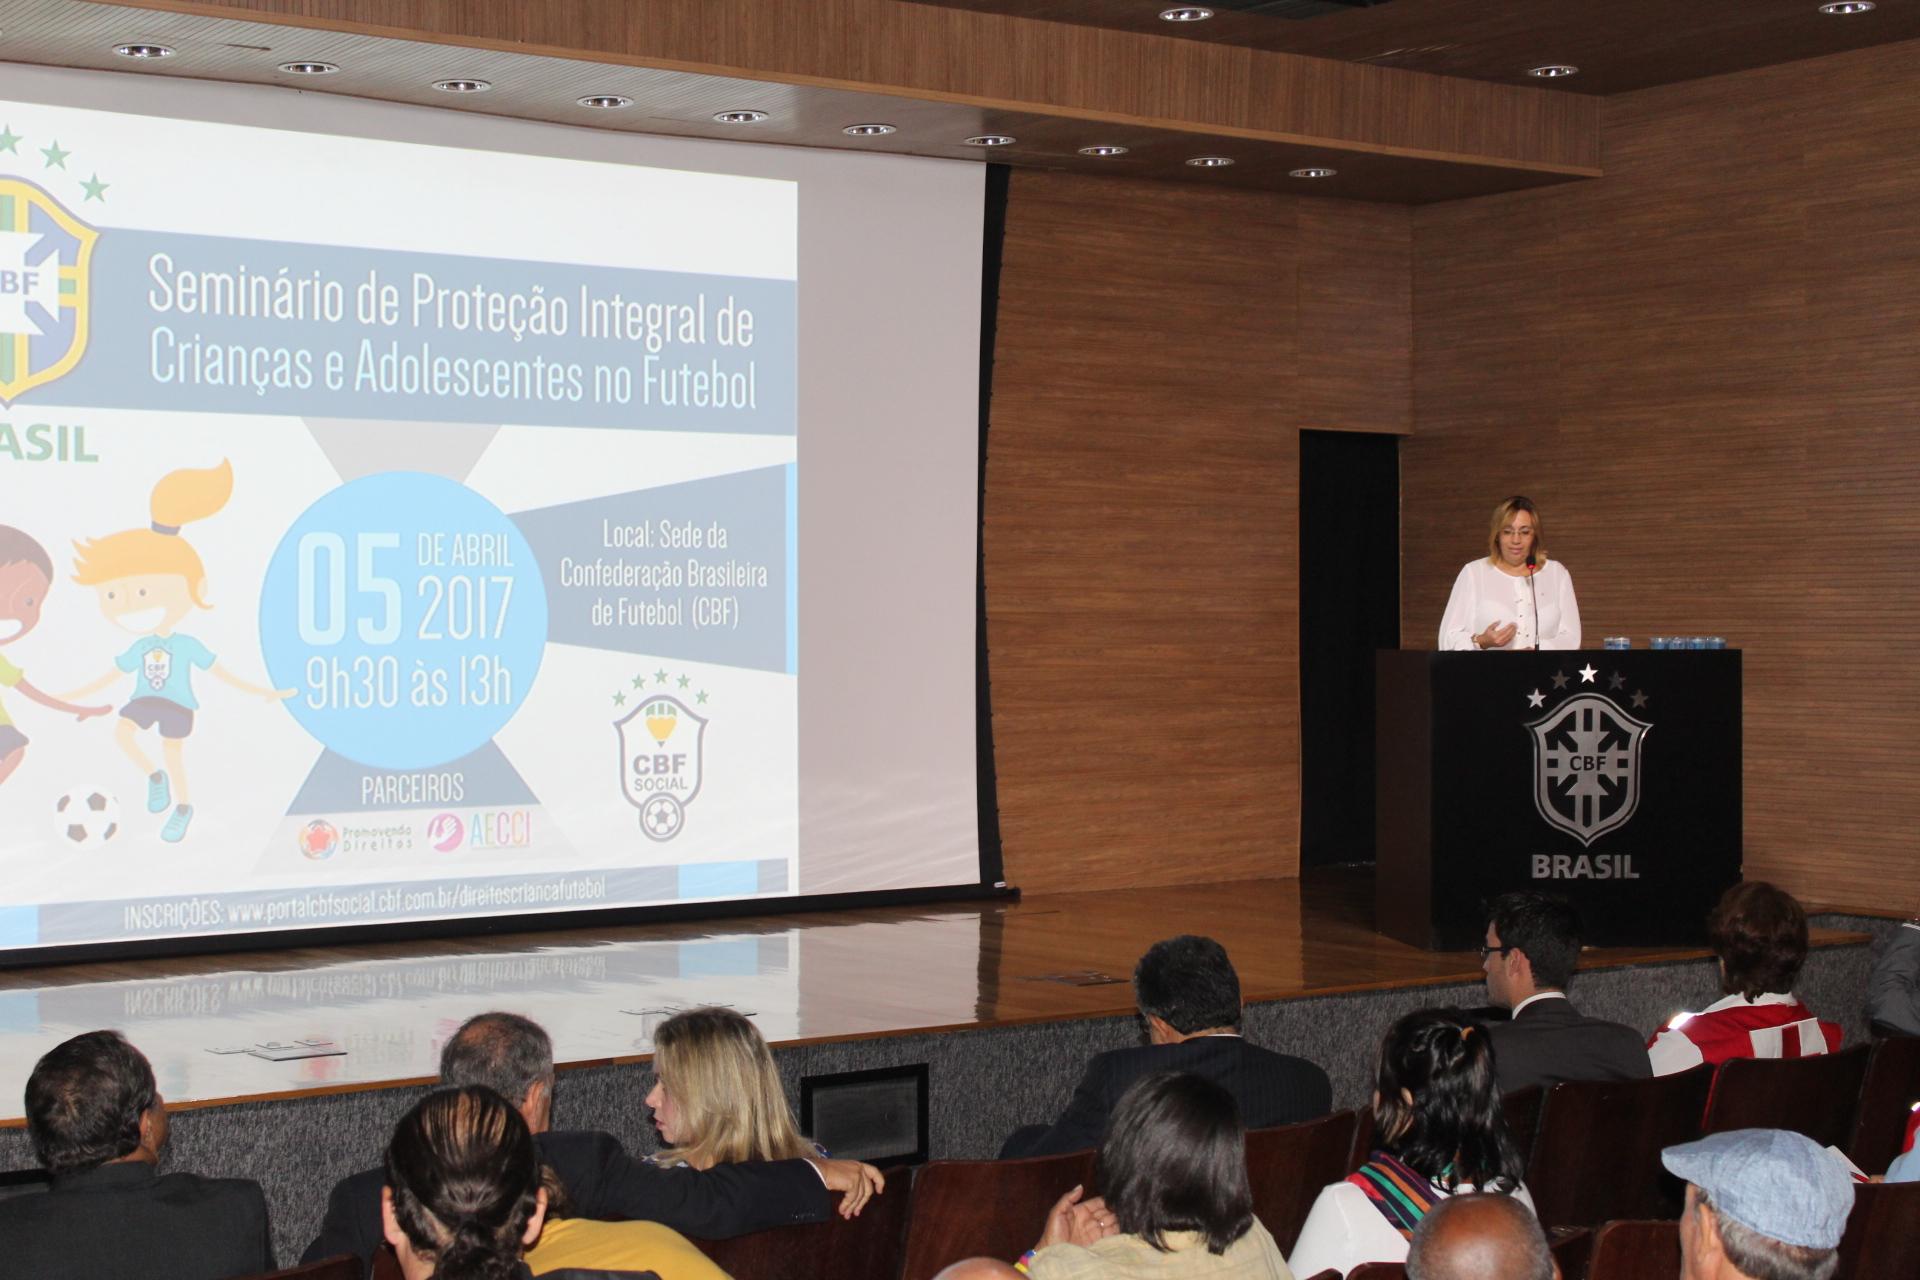 Cruz Vermelha Brasileira participa de seminário na CBF (4)